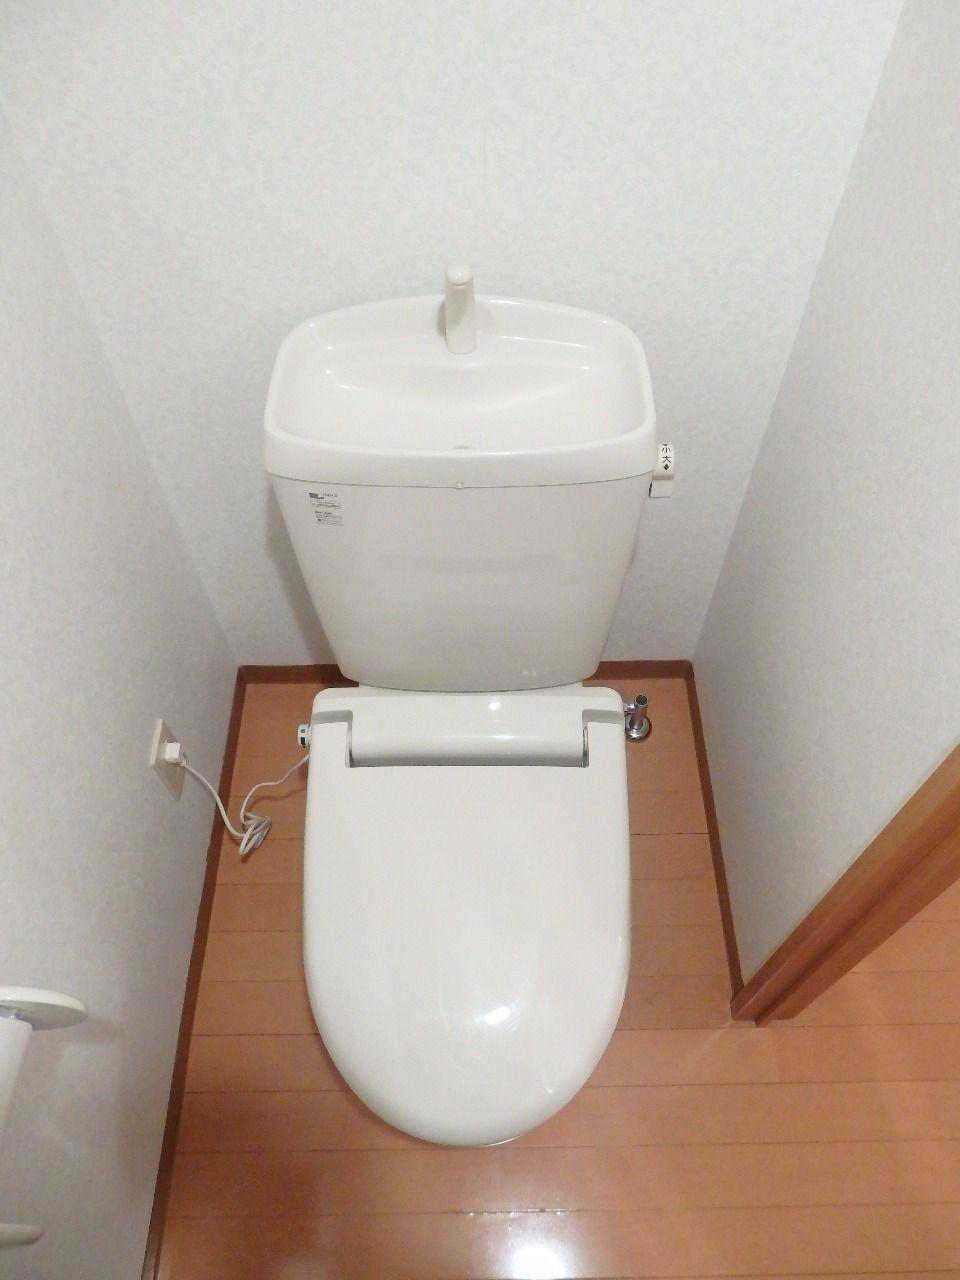 トイレ内にコンセントがあるのでウォッシュレット便座も別で取り付けられます。